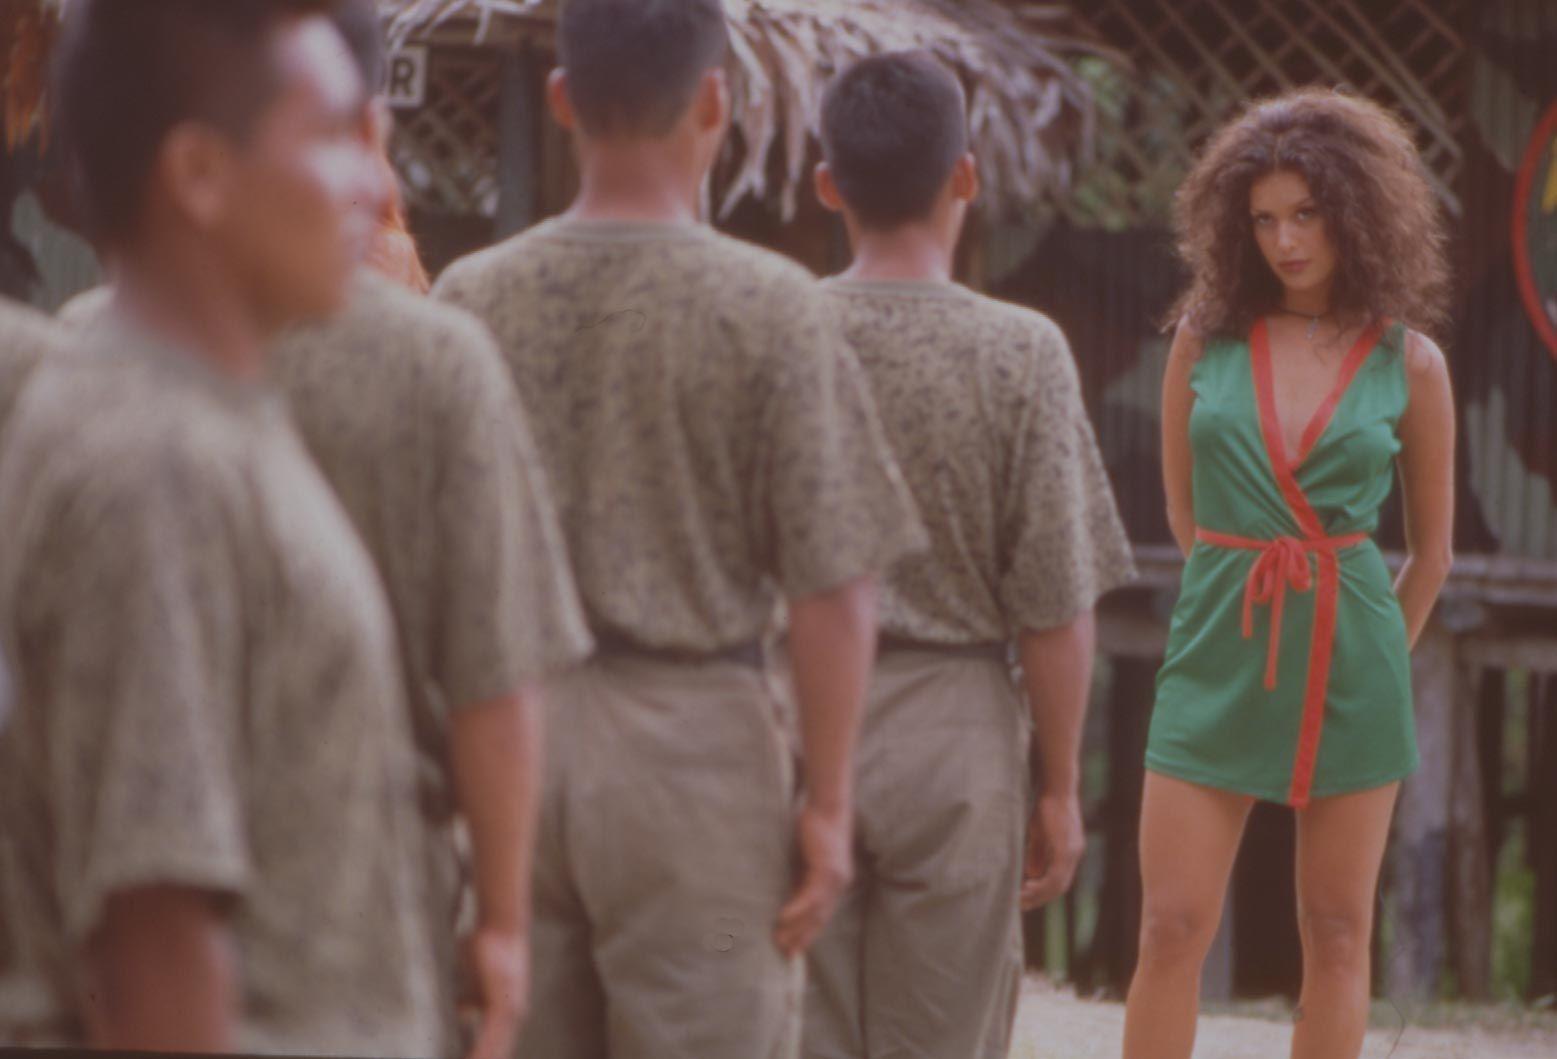 Angie Cepeda Desnuda 13 mejores imágenes de angie cepeda pantaleon | cepeda